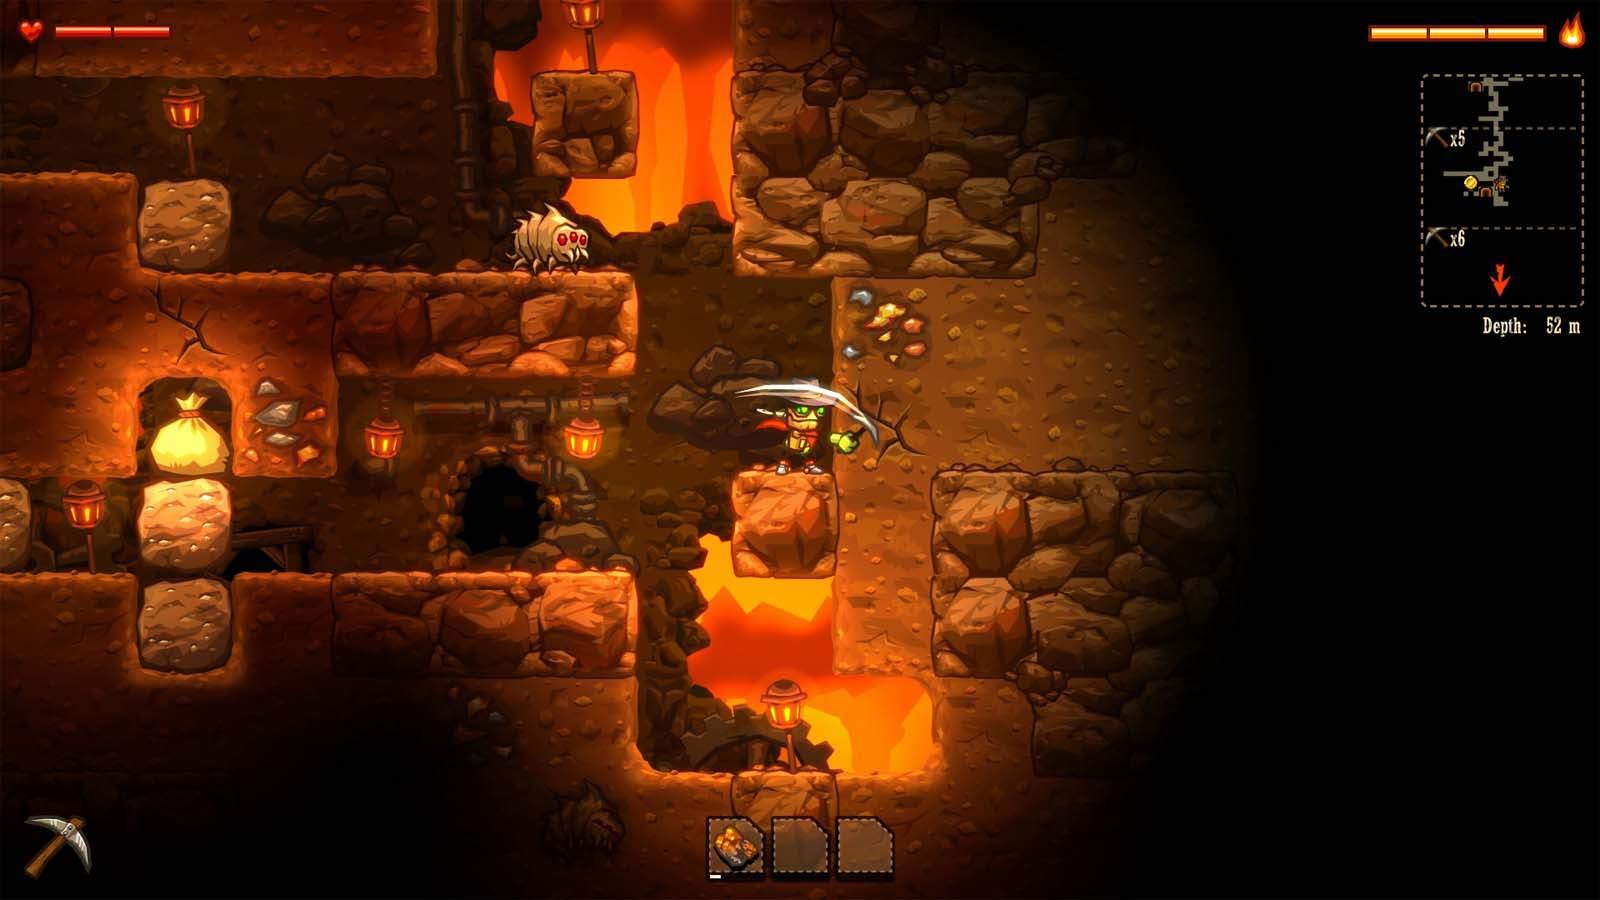 تحميل لعبة Steamworld Dig مضغوطة برابط واحد مباشر كاملة مجانا